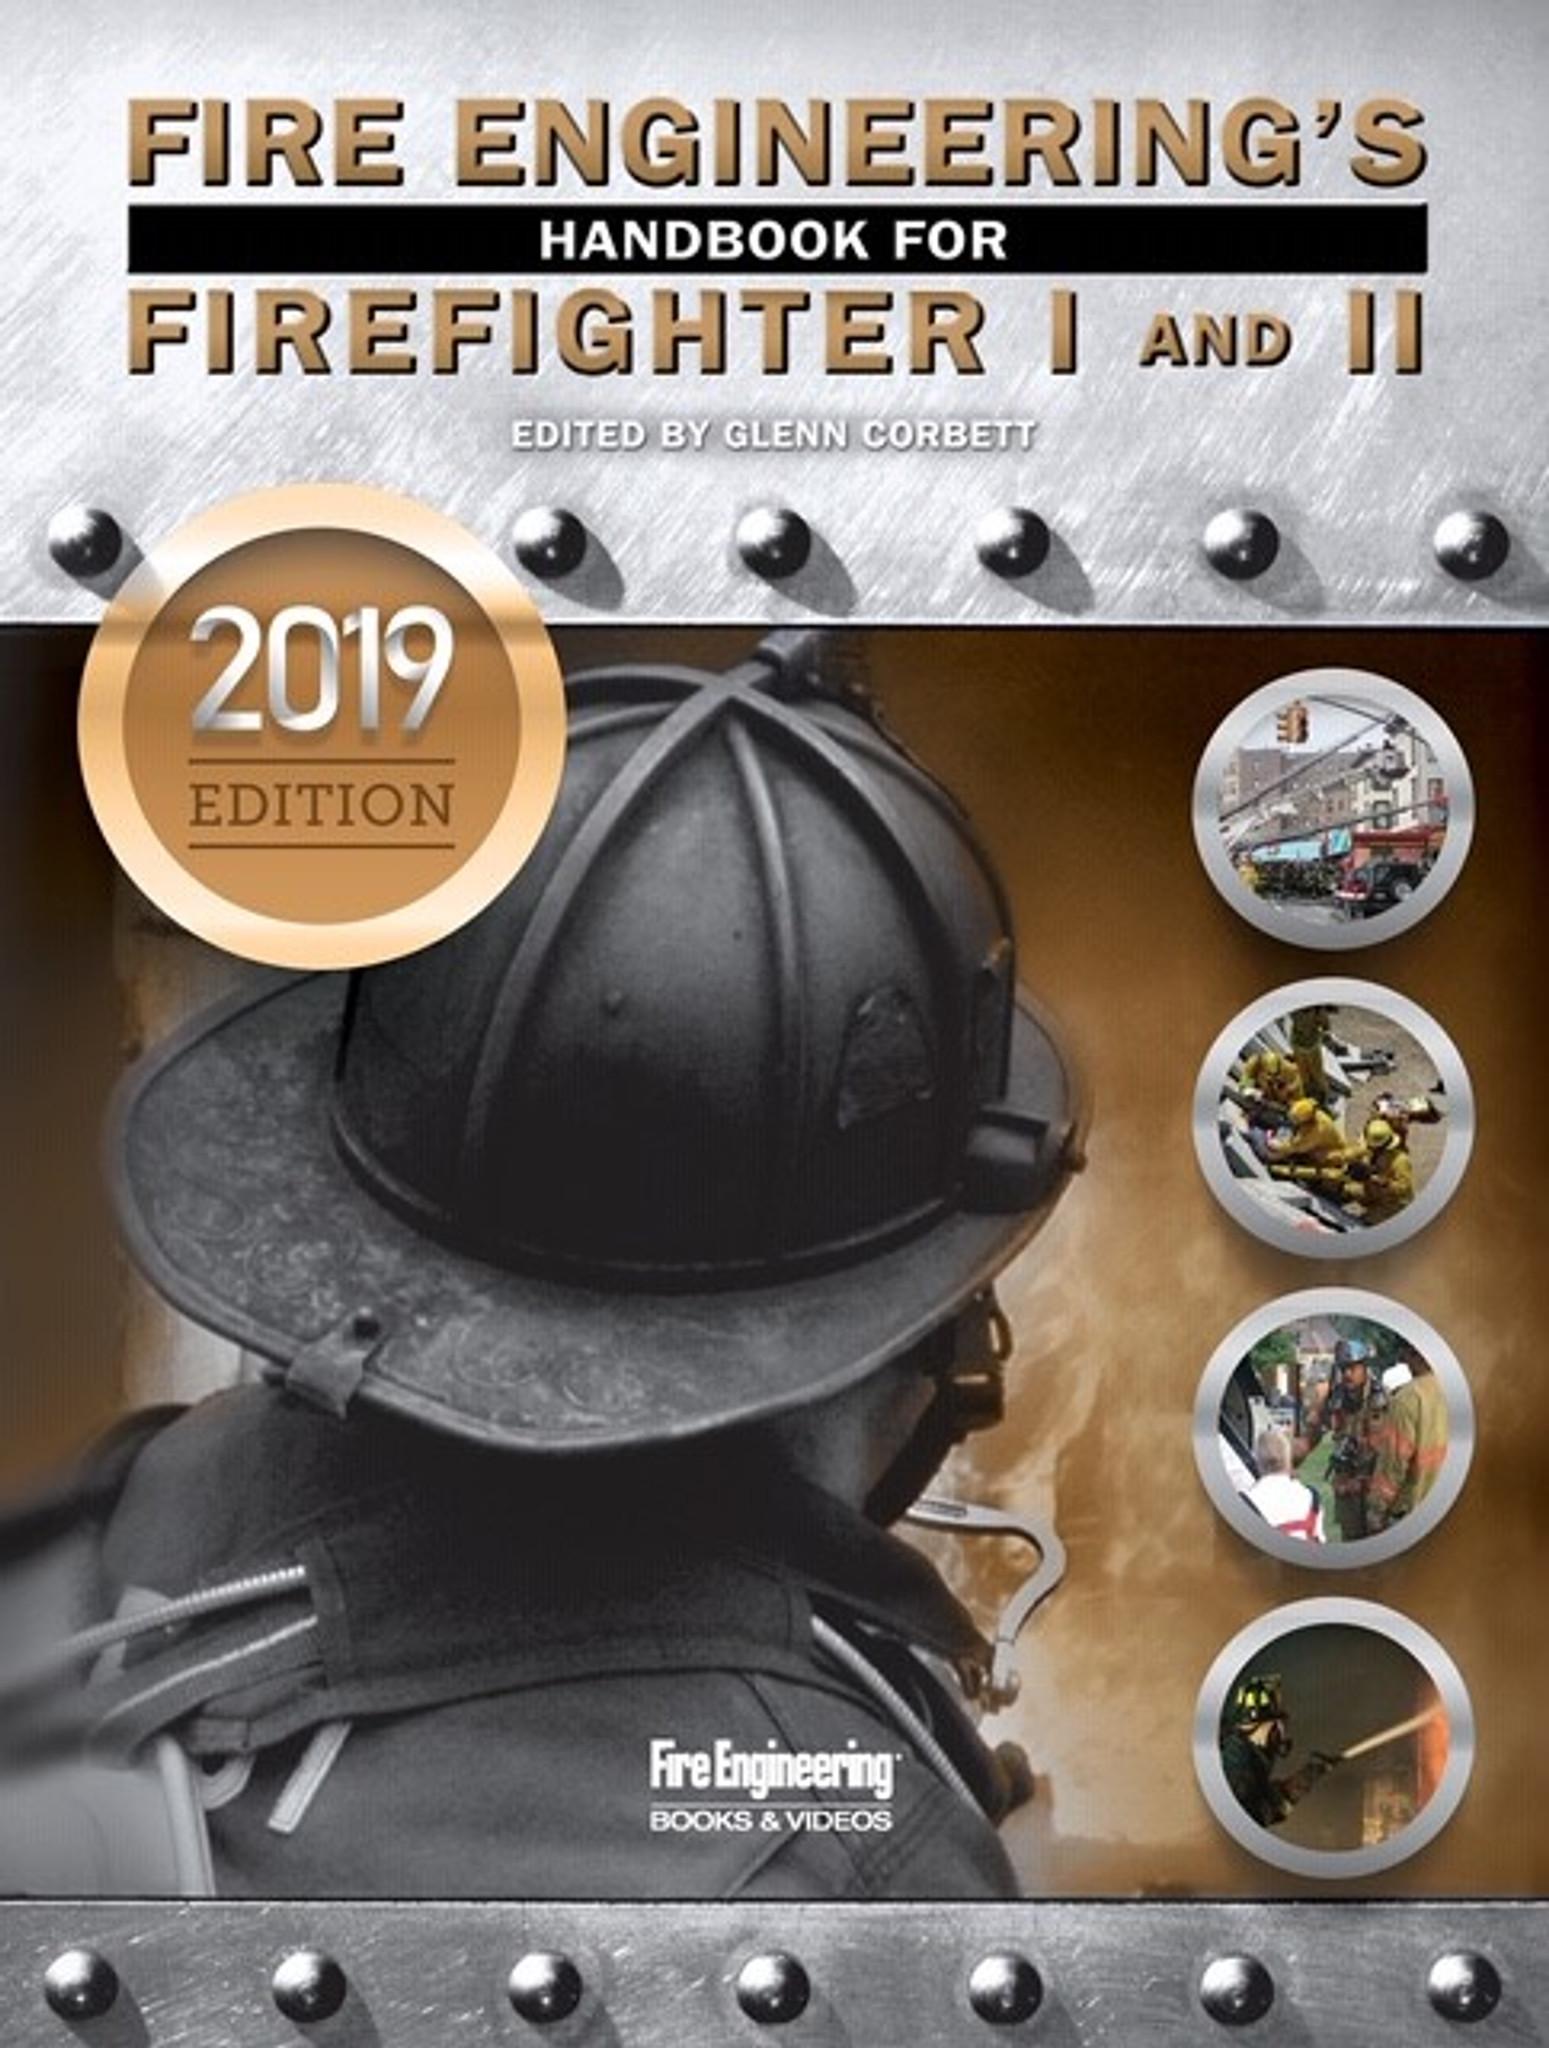 Fire Engineering Handbook for Firefighter I&II, 2019 update